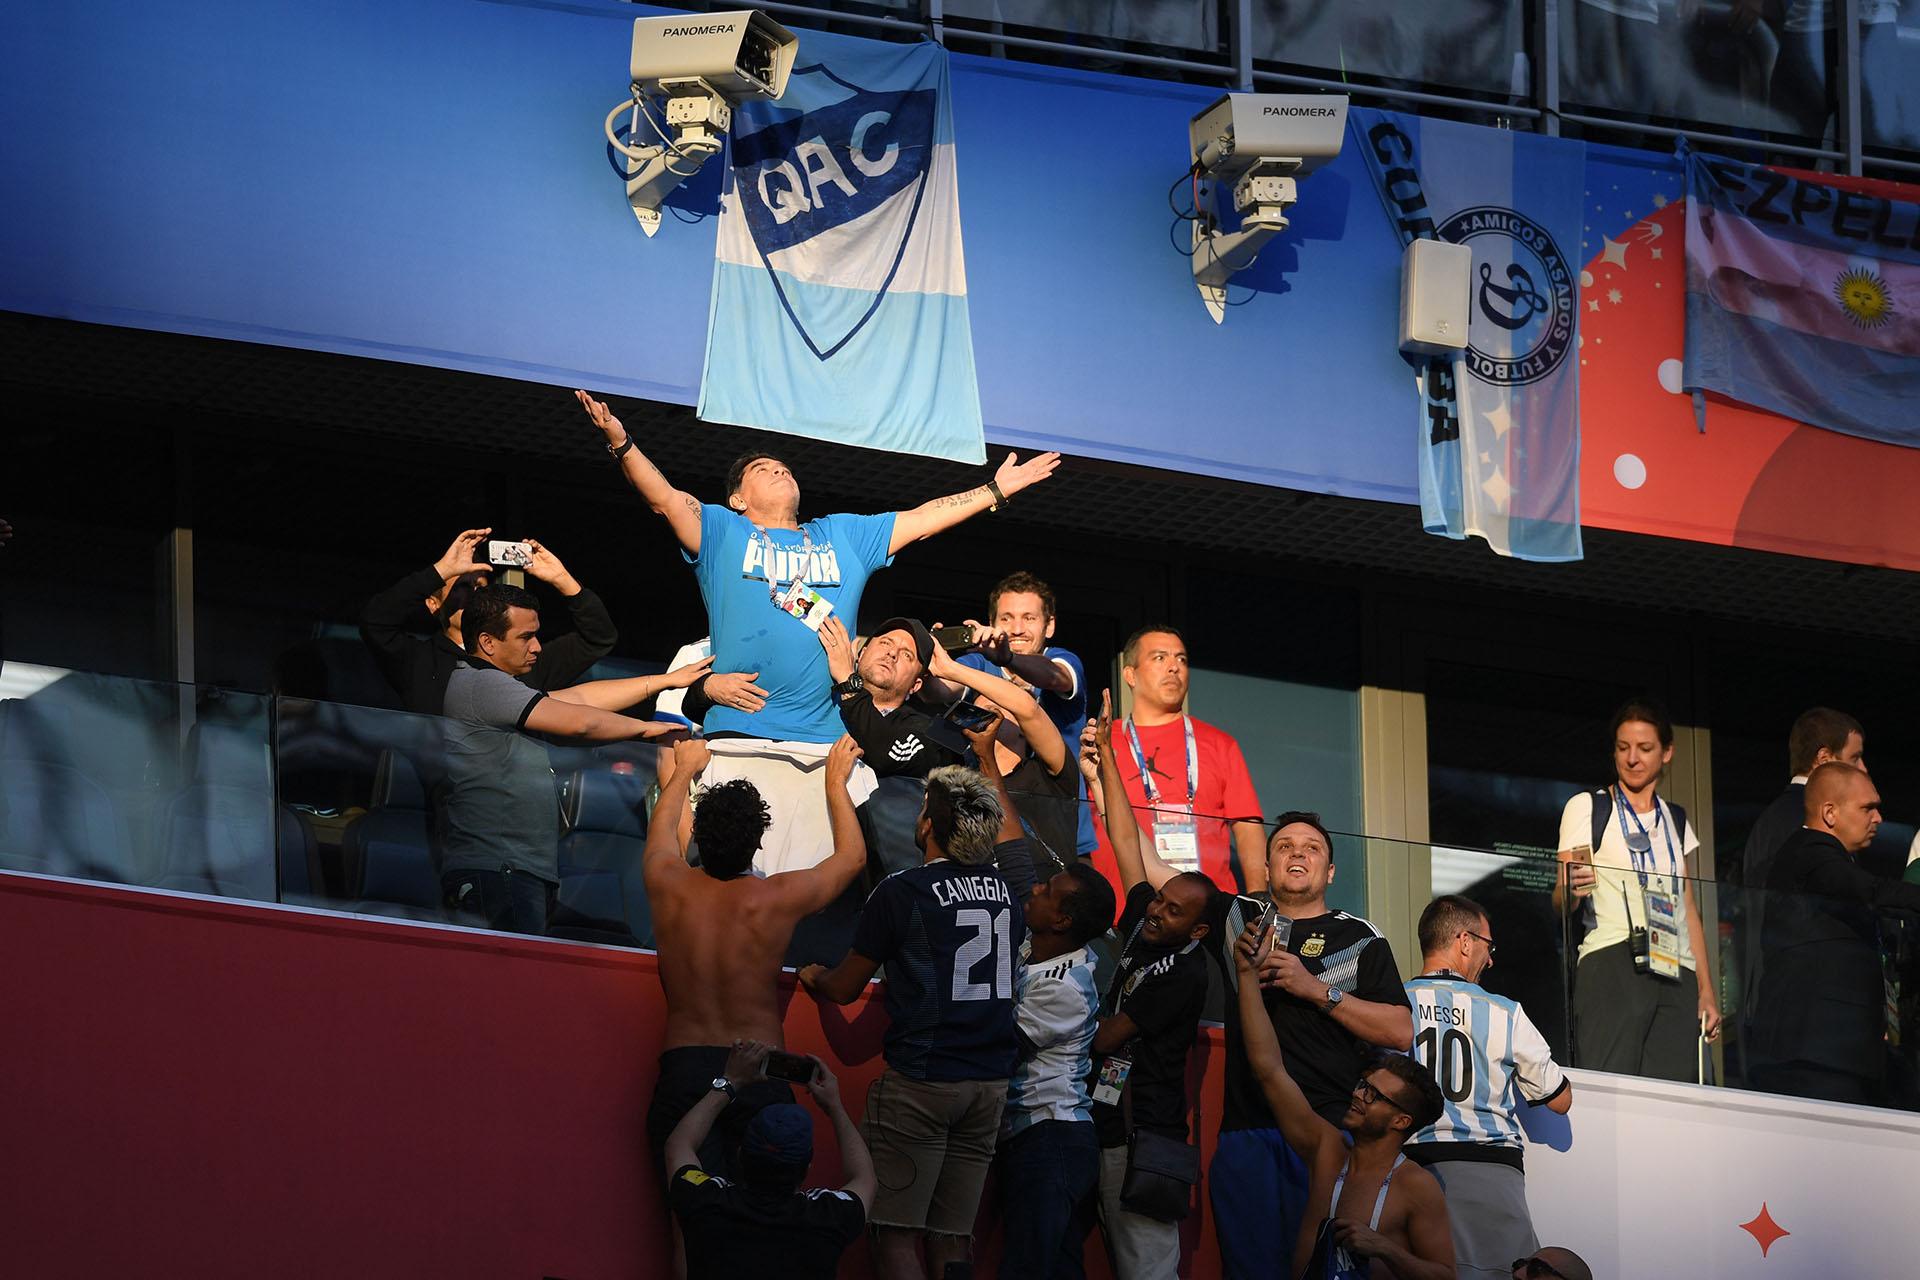 La escena perfecta: un rayo de luz apunta directamente a Maradona mientras el público lo intenta agarrar